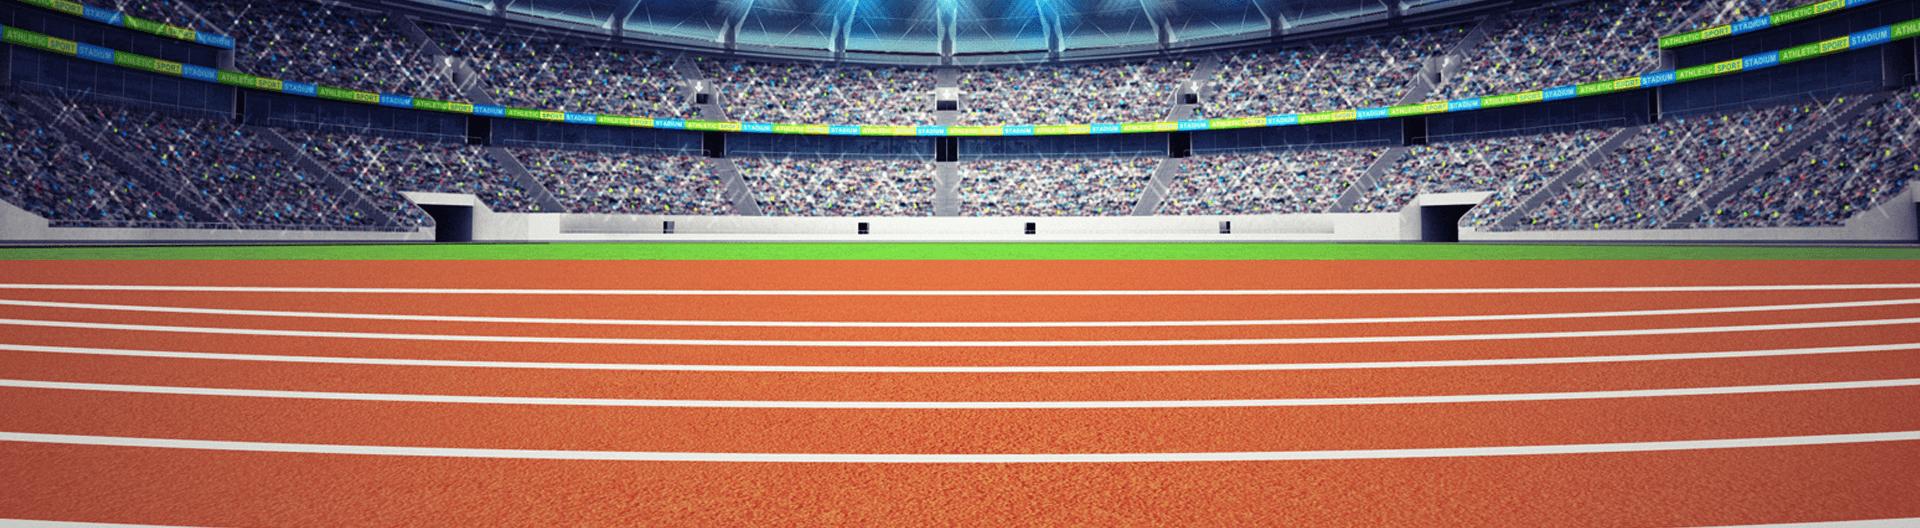 Pisos Esportivos | Recoma